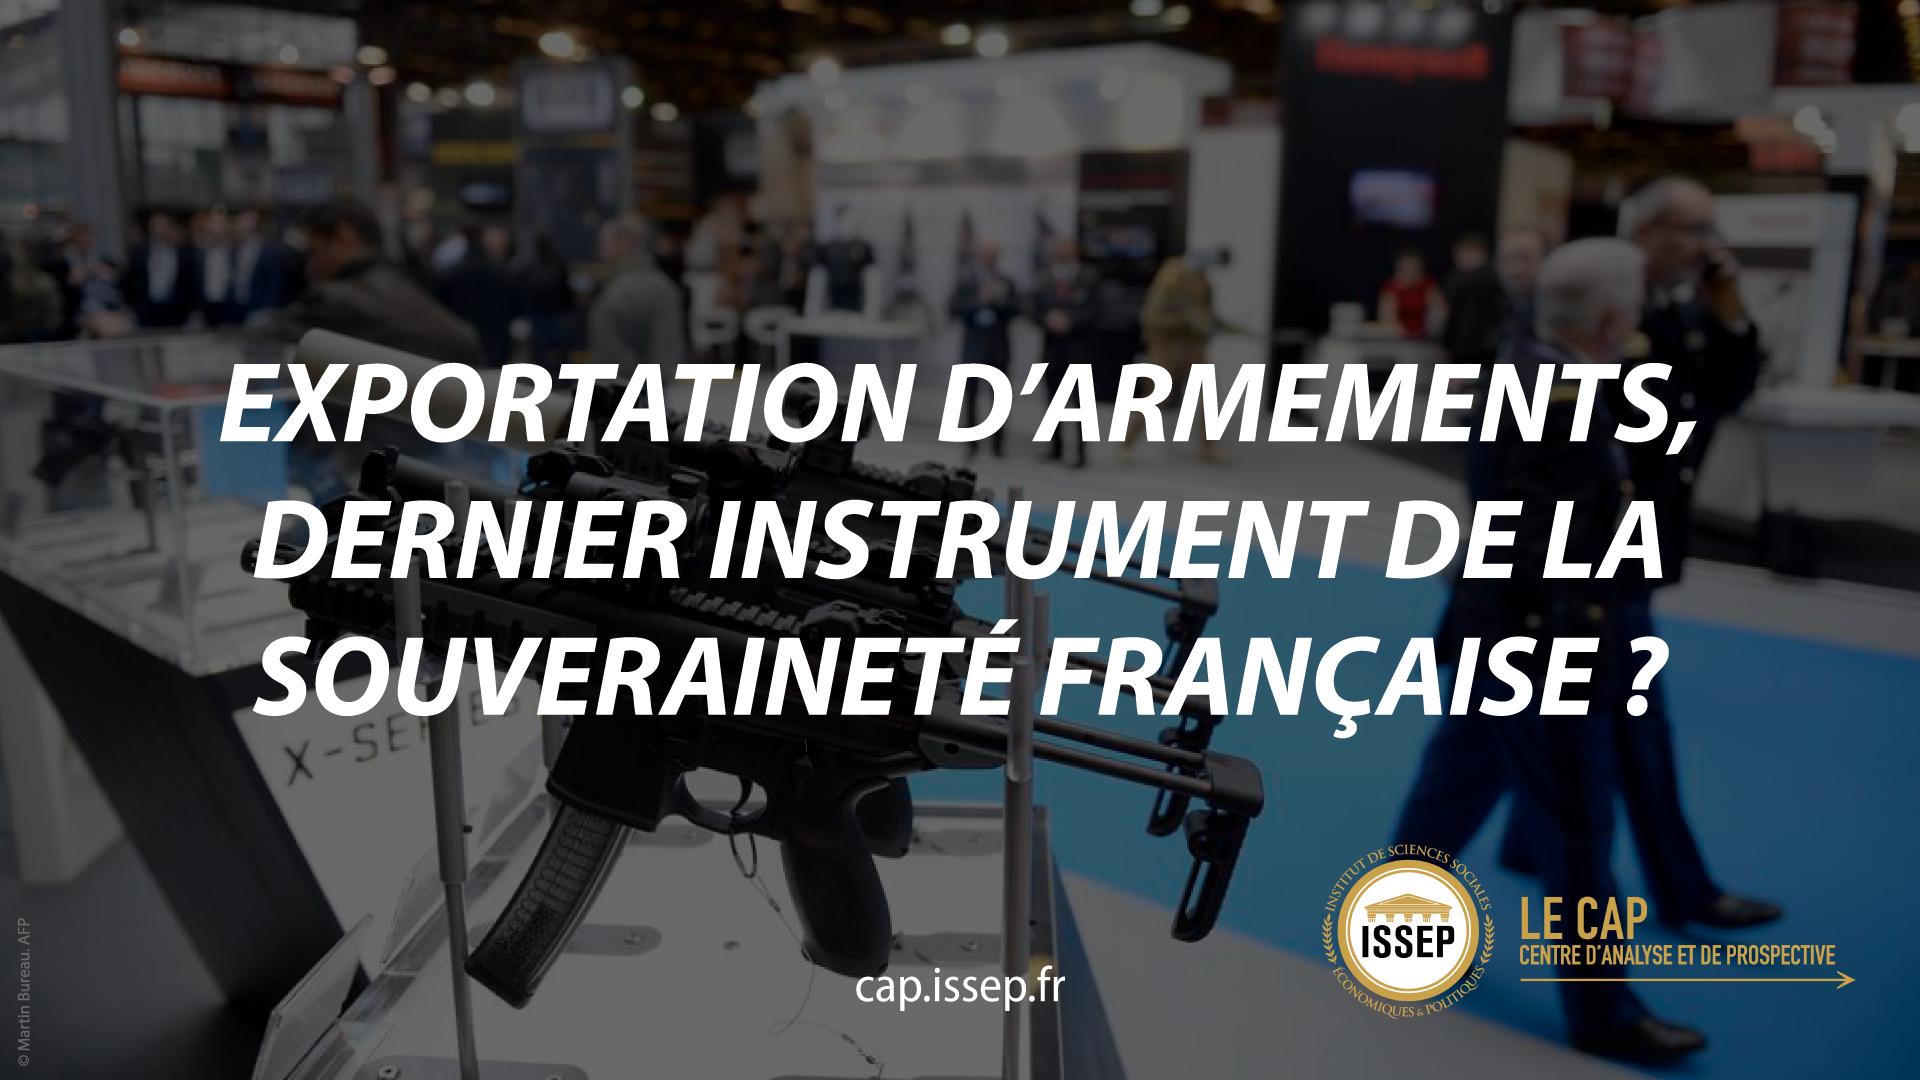 Note d'actualité | Exportation d'armements, dernier instrument de la souveraineté française ? | CAP de l'ISSEP